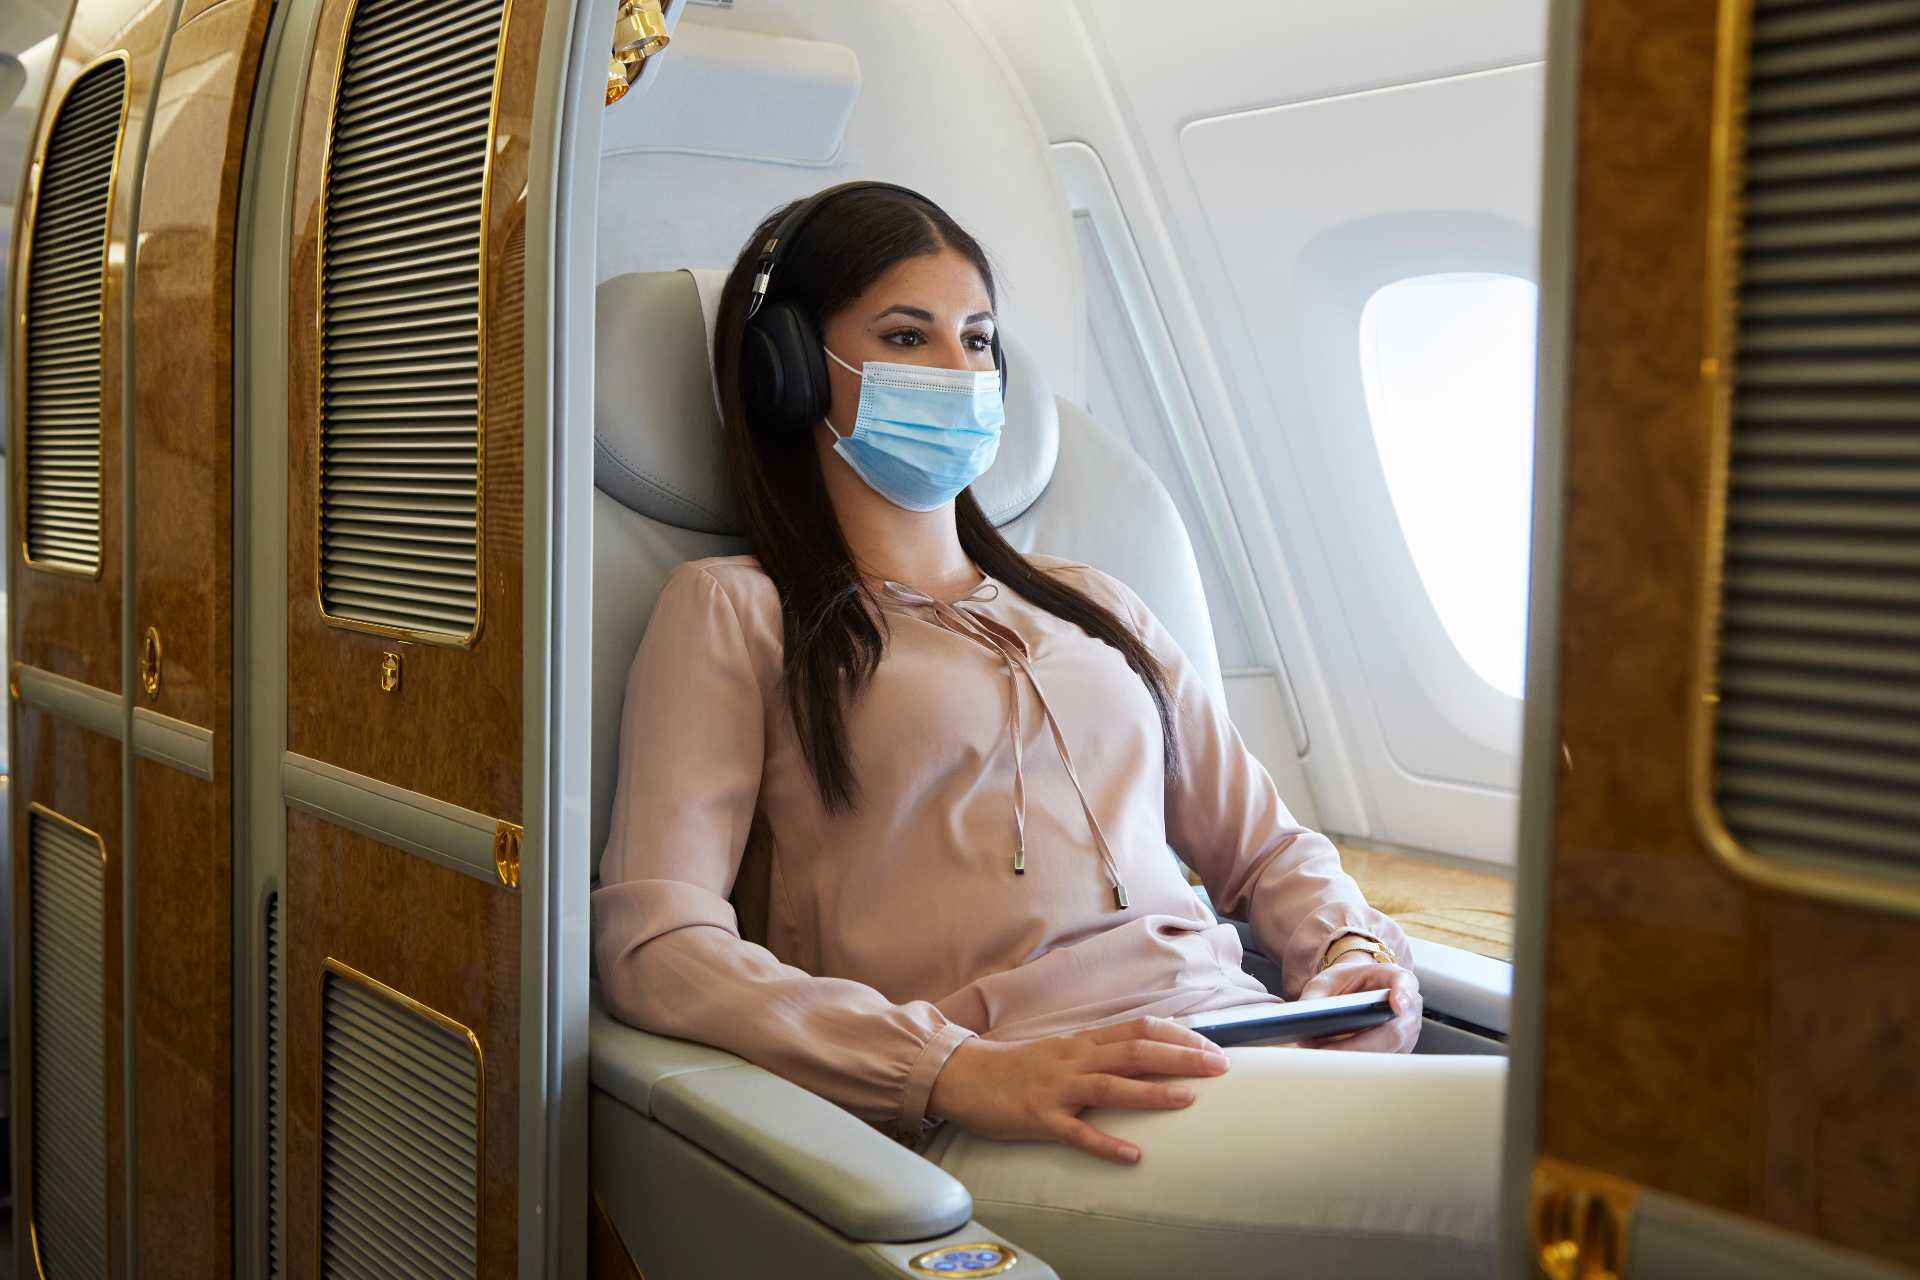 Эмирейтс увеличивает число рейсов этим летом в ответ на высокий спрос